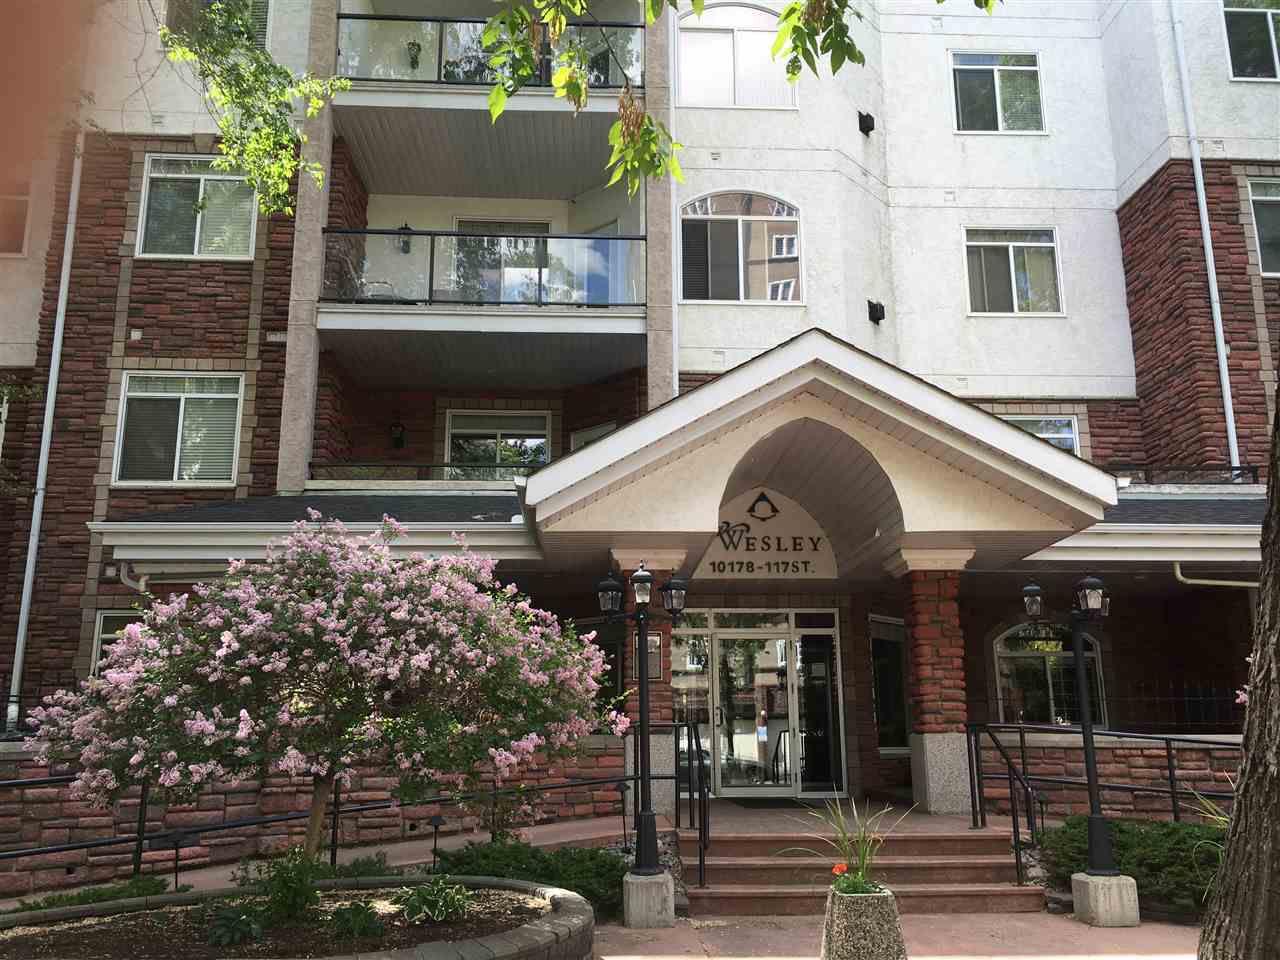 Main Photo: 404 10178 117 Street in Edmonton: Zone 12 Condo for sale : MLS®# E4115108